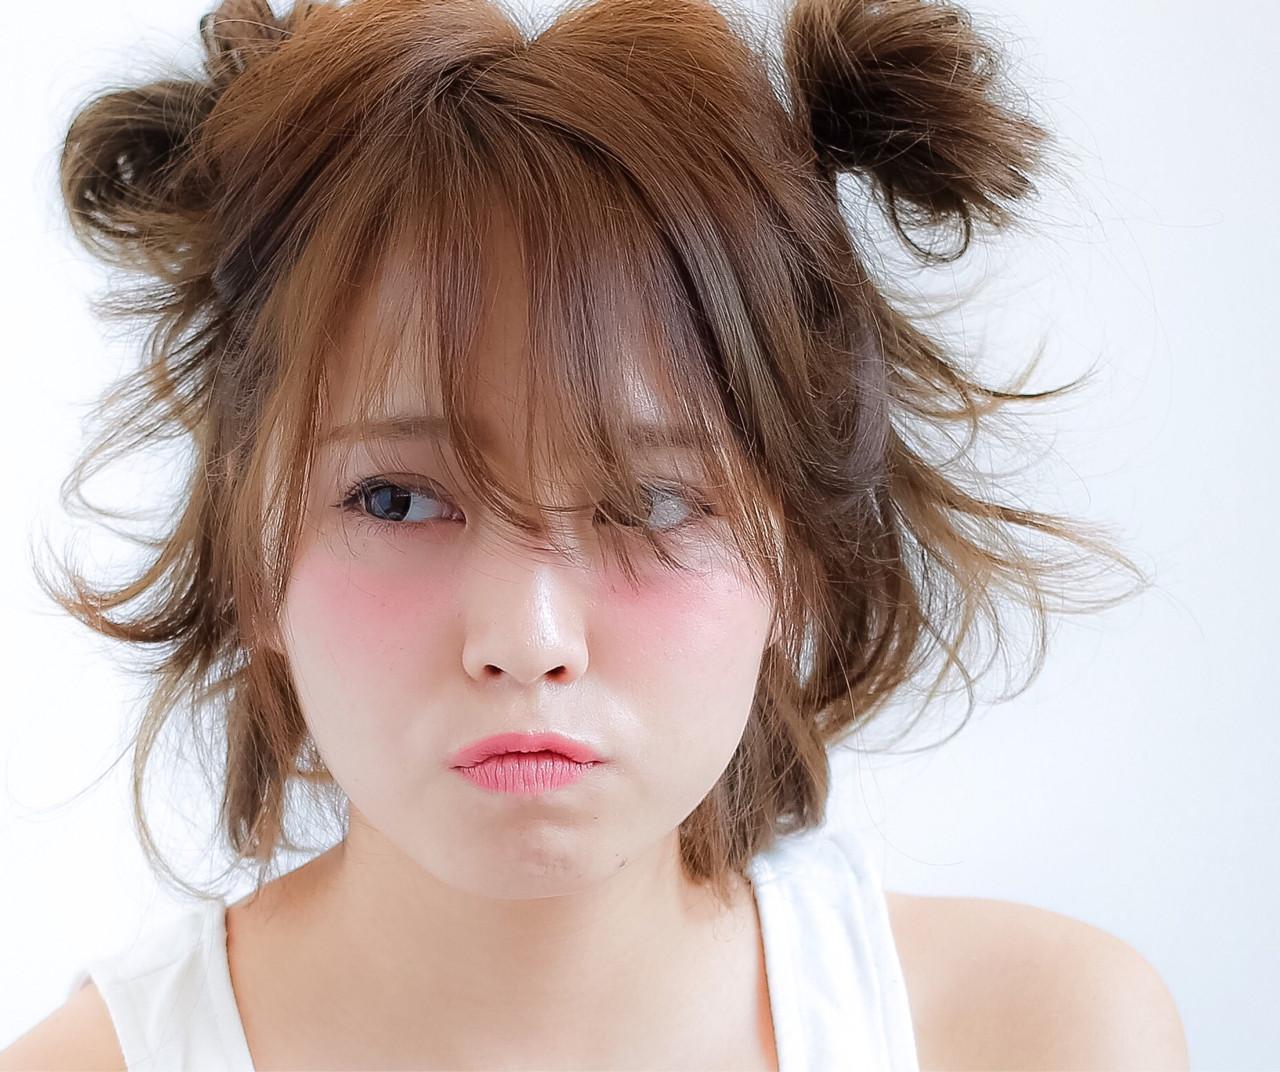 ピュア ヘアアレンジ ミディアム フェミニン ヘアスタイルや髪型の写真・画像